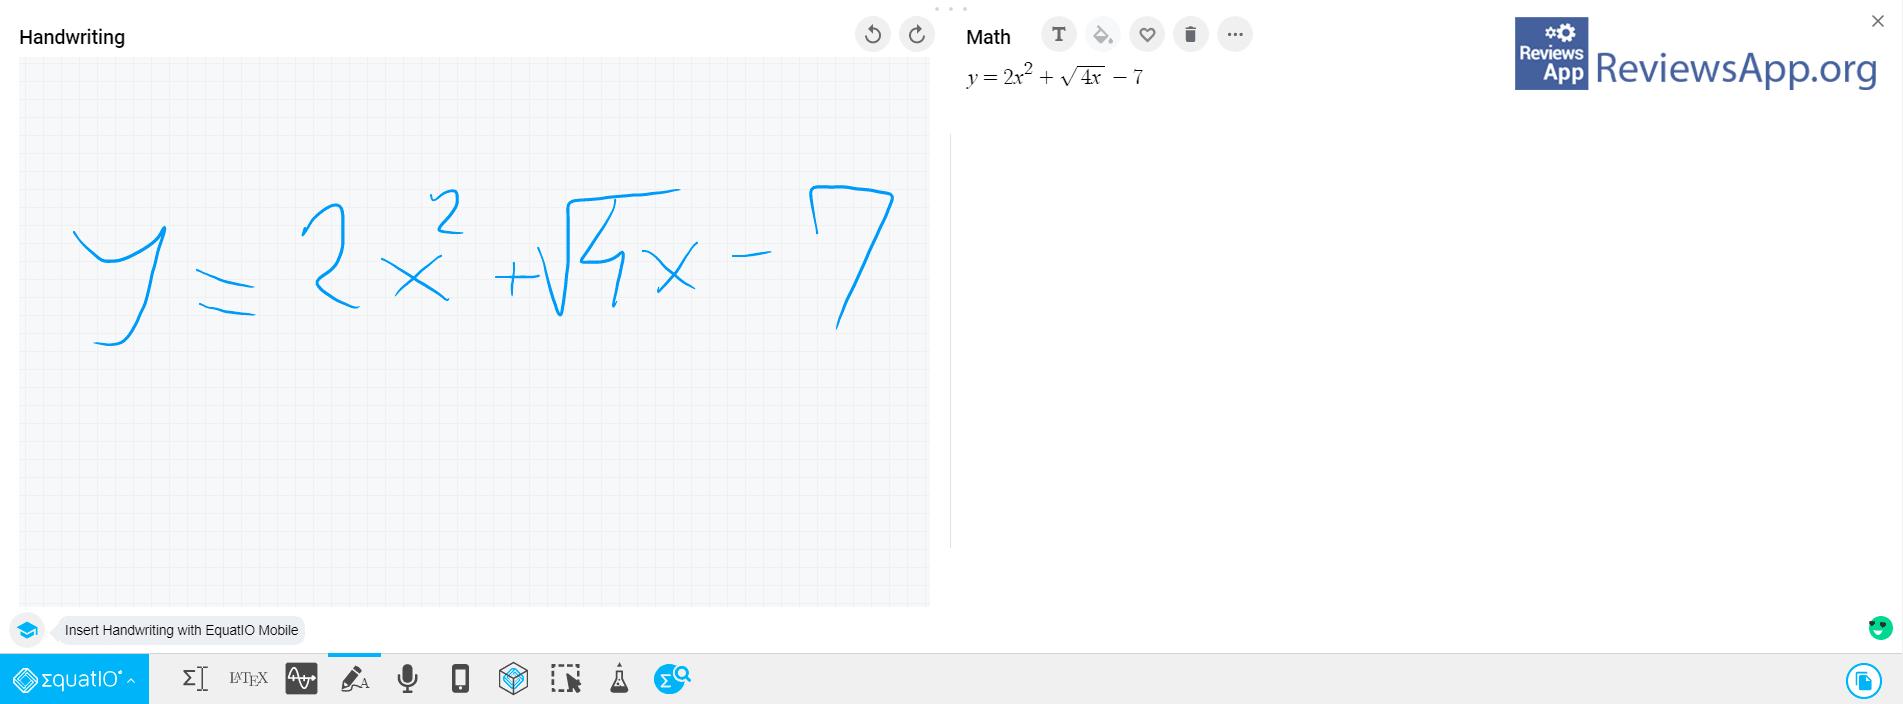 EquatIO writing formula